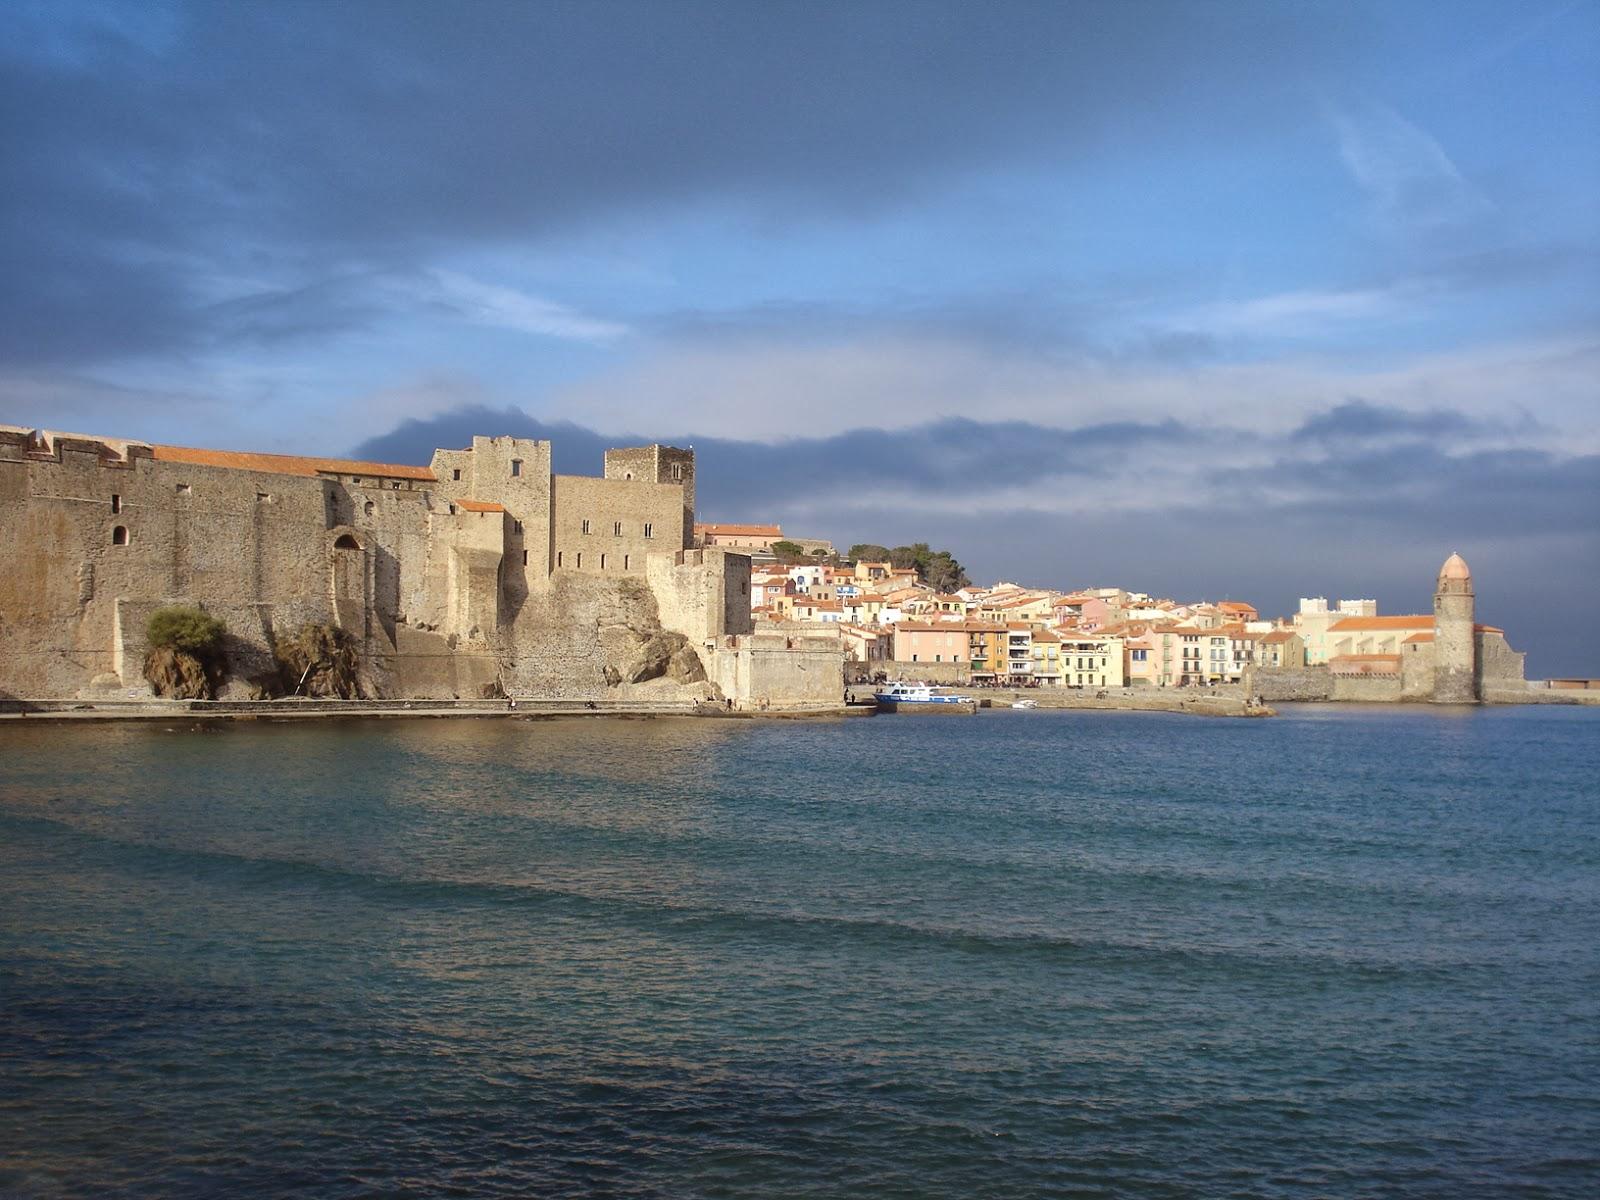 Vista del Castillo Real y la bahía de Colliure